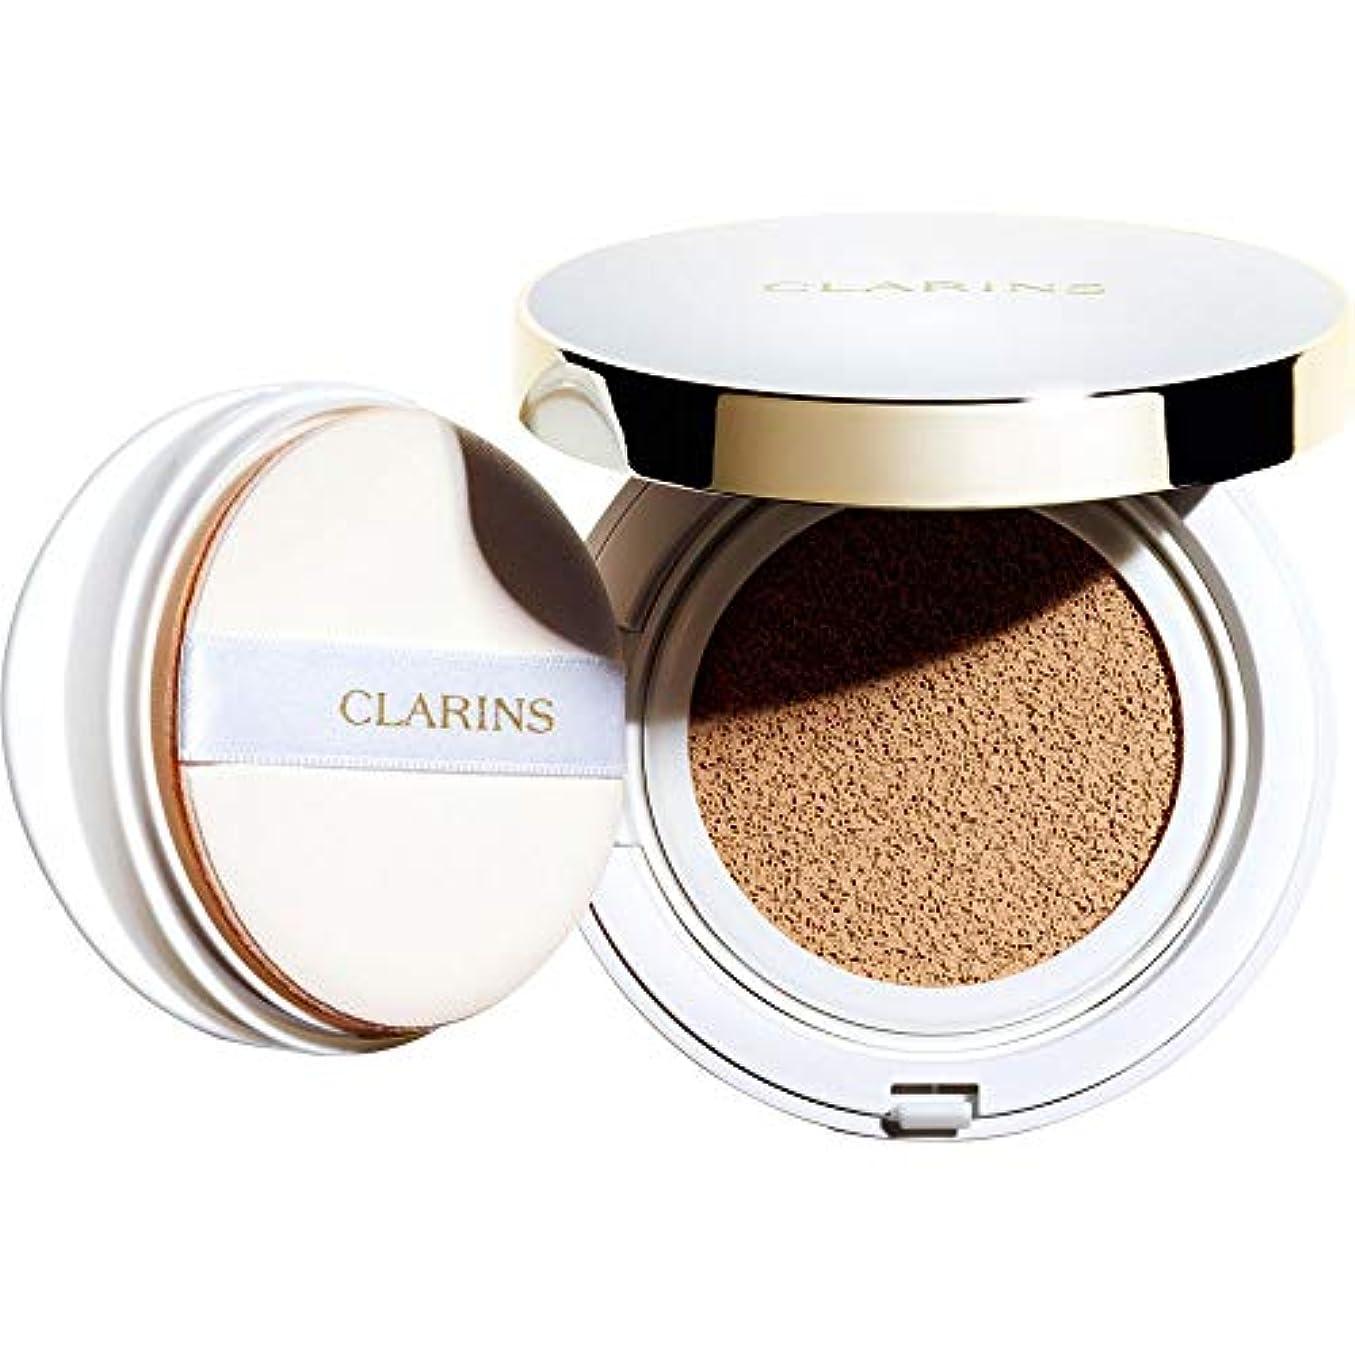 肥満無一文蒸留する[Clarins ] クラランス永遠のクッション基礎Spf50の13ミリリットル103 - アイボリー - Clarins Everlasting Cushion Foundation SPF50 13ml 103 -...